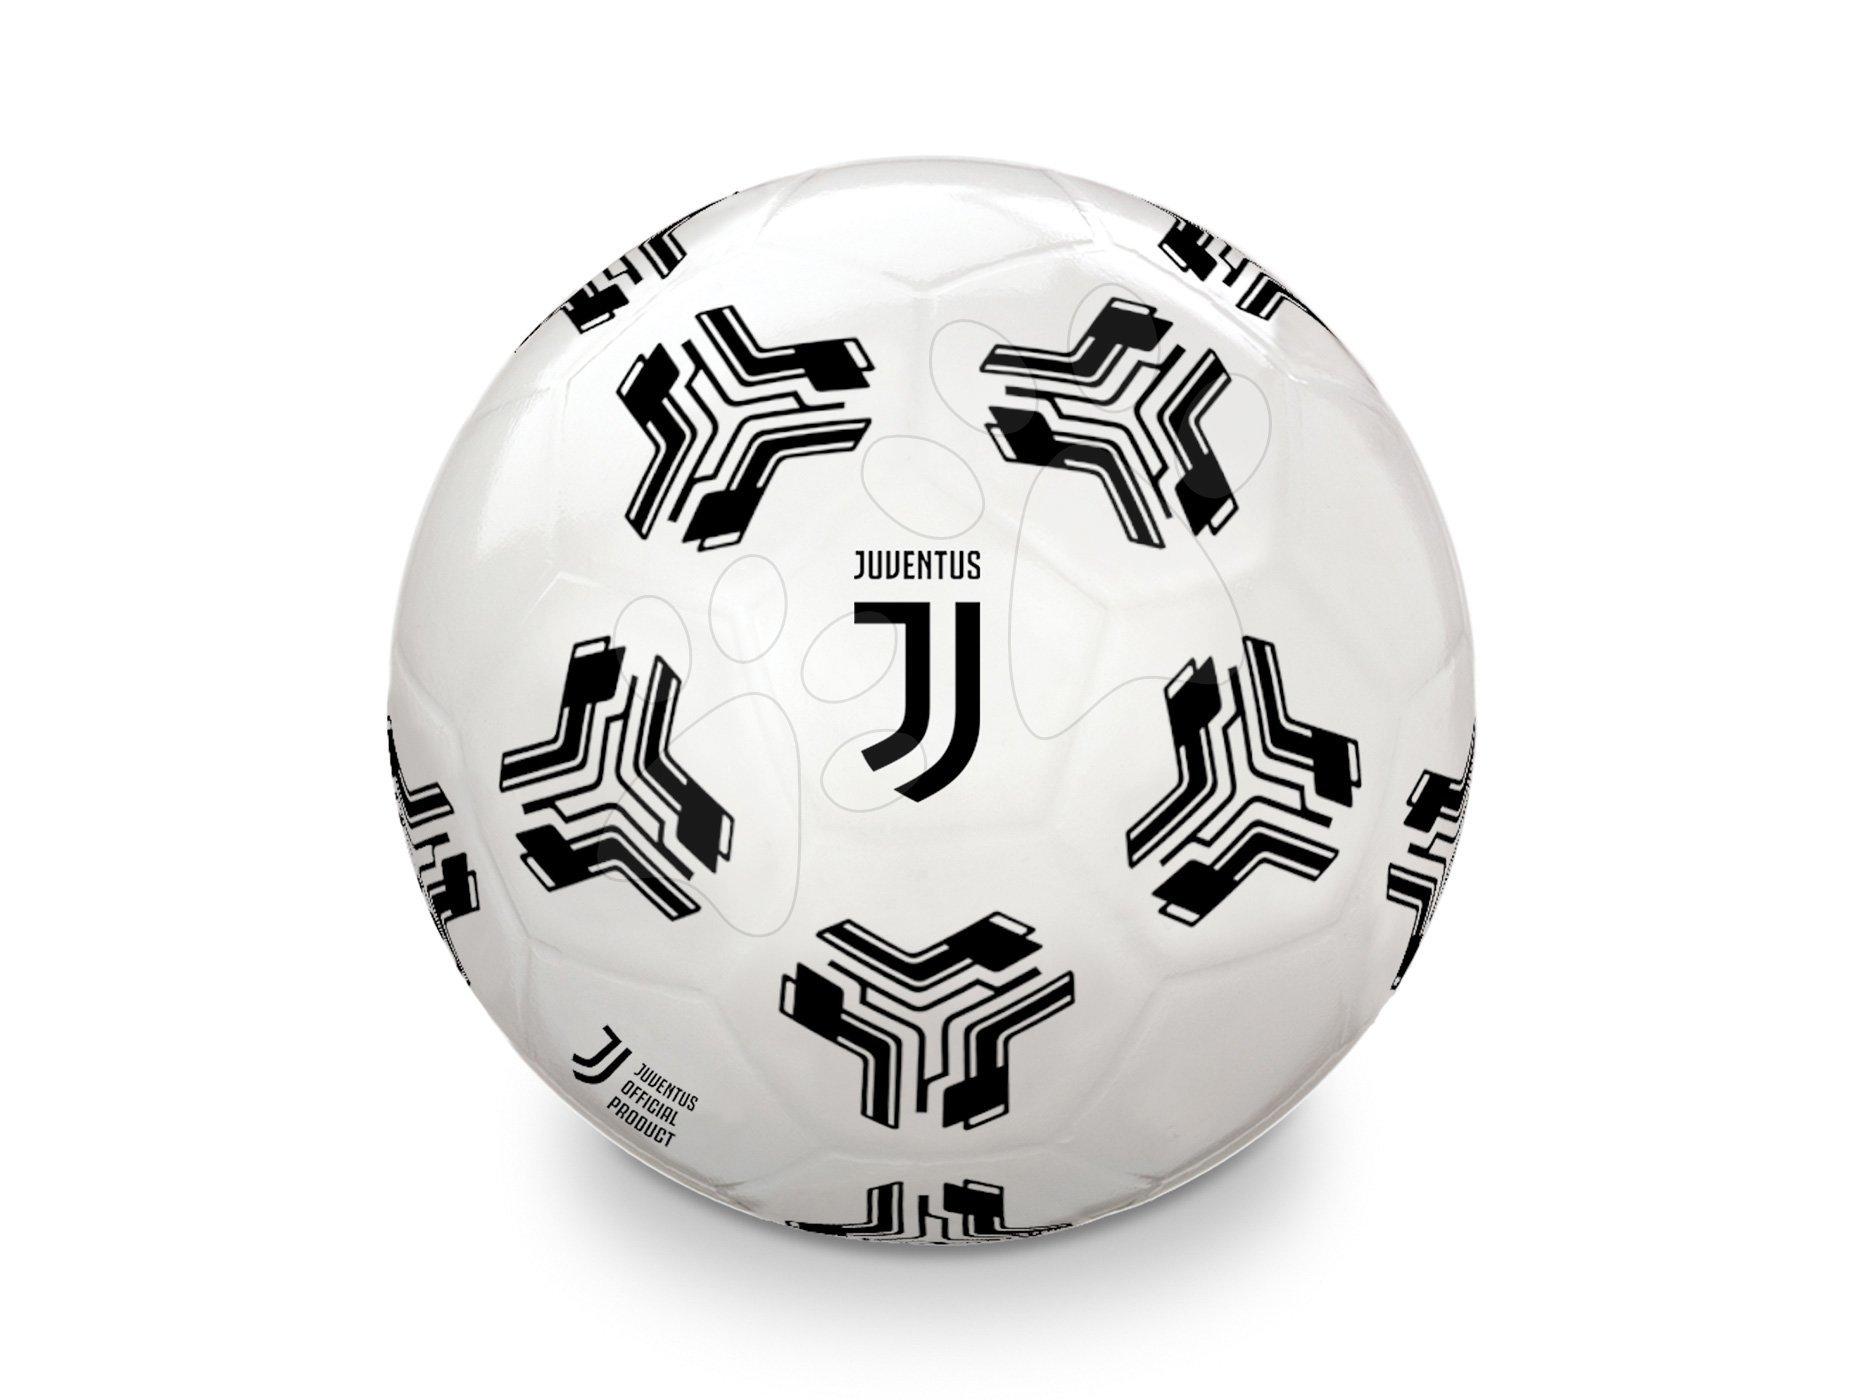 Gumi focilabda F.C. Juventus Mondo méret 230 mm